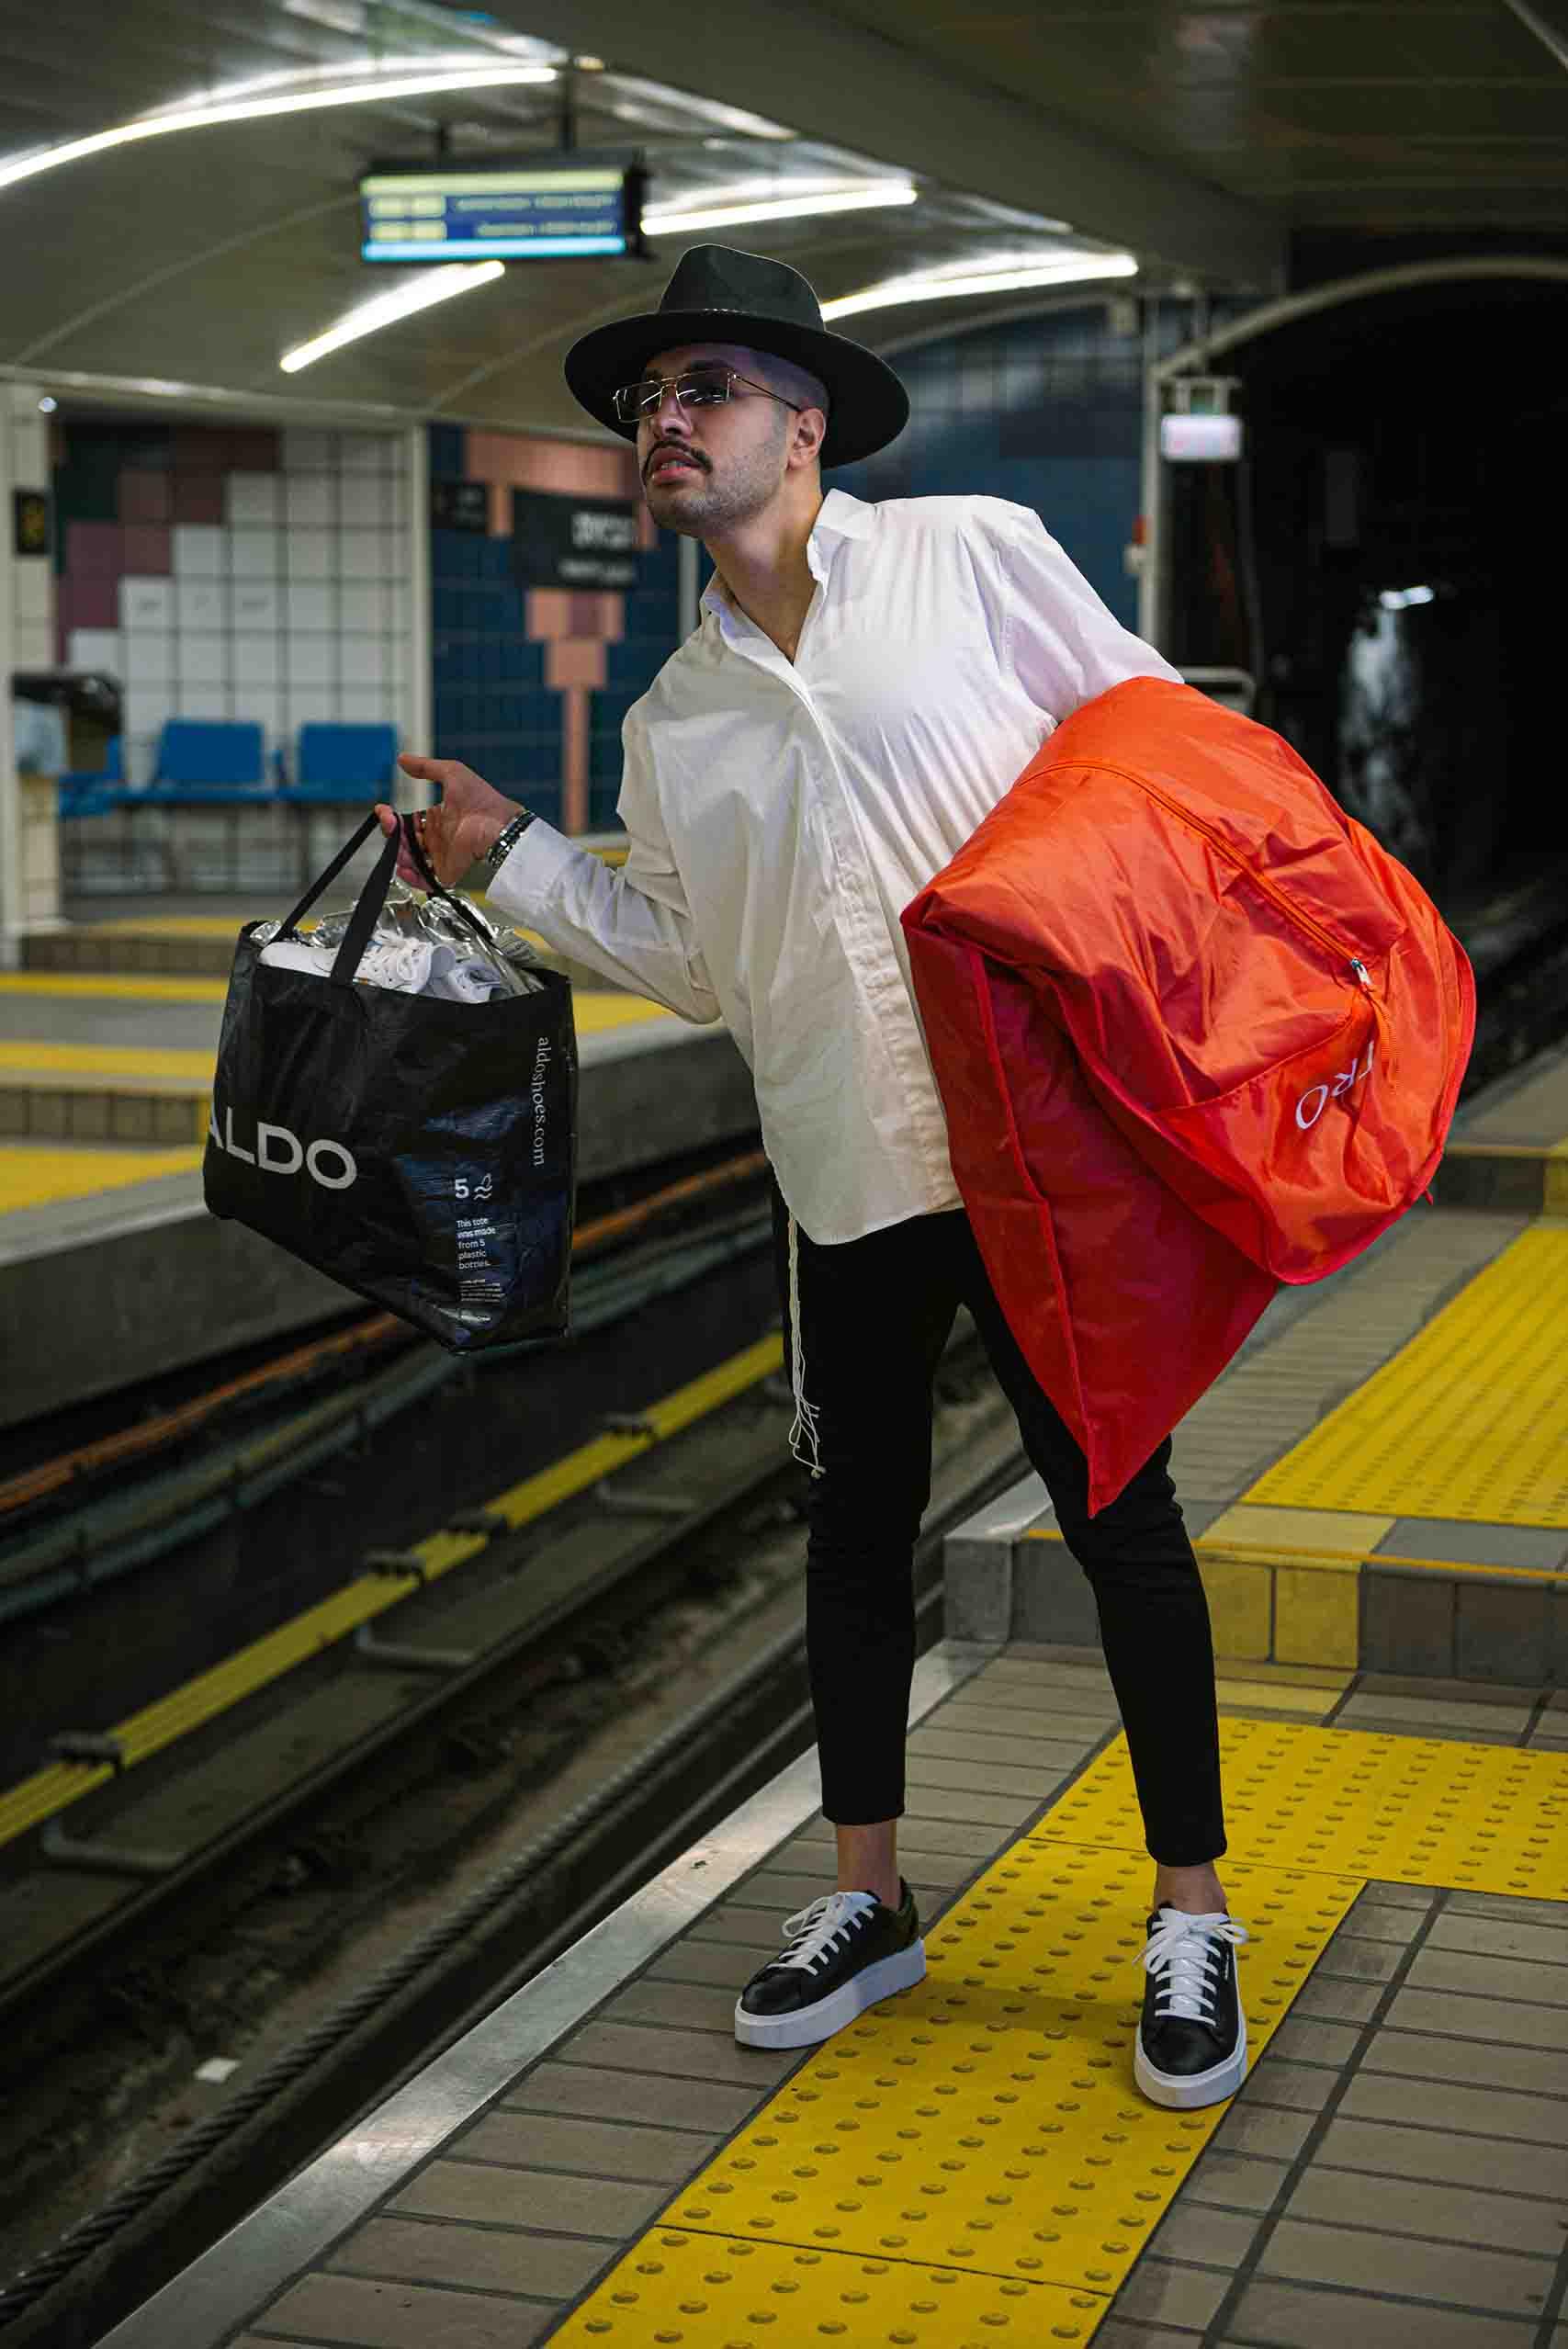 דניאל ציוני, צילום דניס גרצקיס , חדשות האופנה, כתבות אופנה